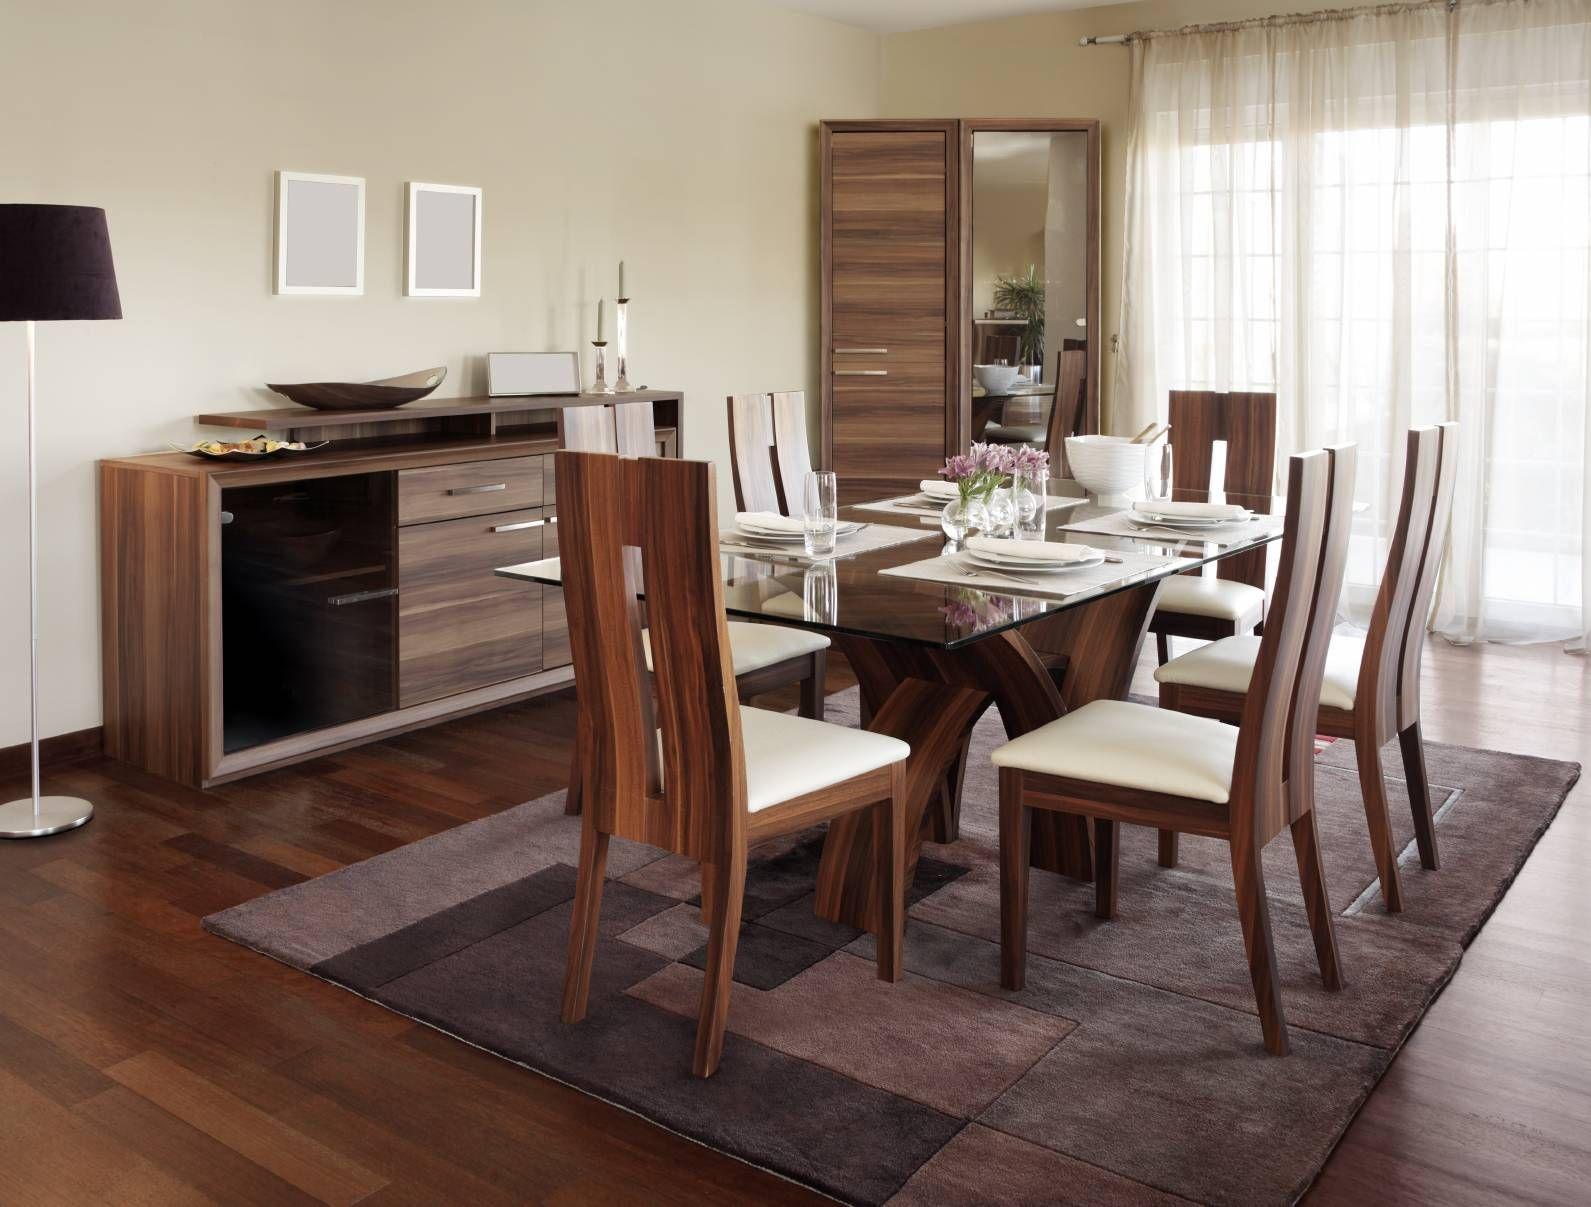 Impressionnant Chaise Pour Table A Manger Decoration Francaise